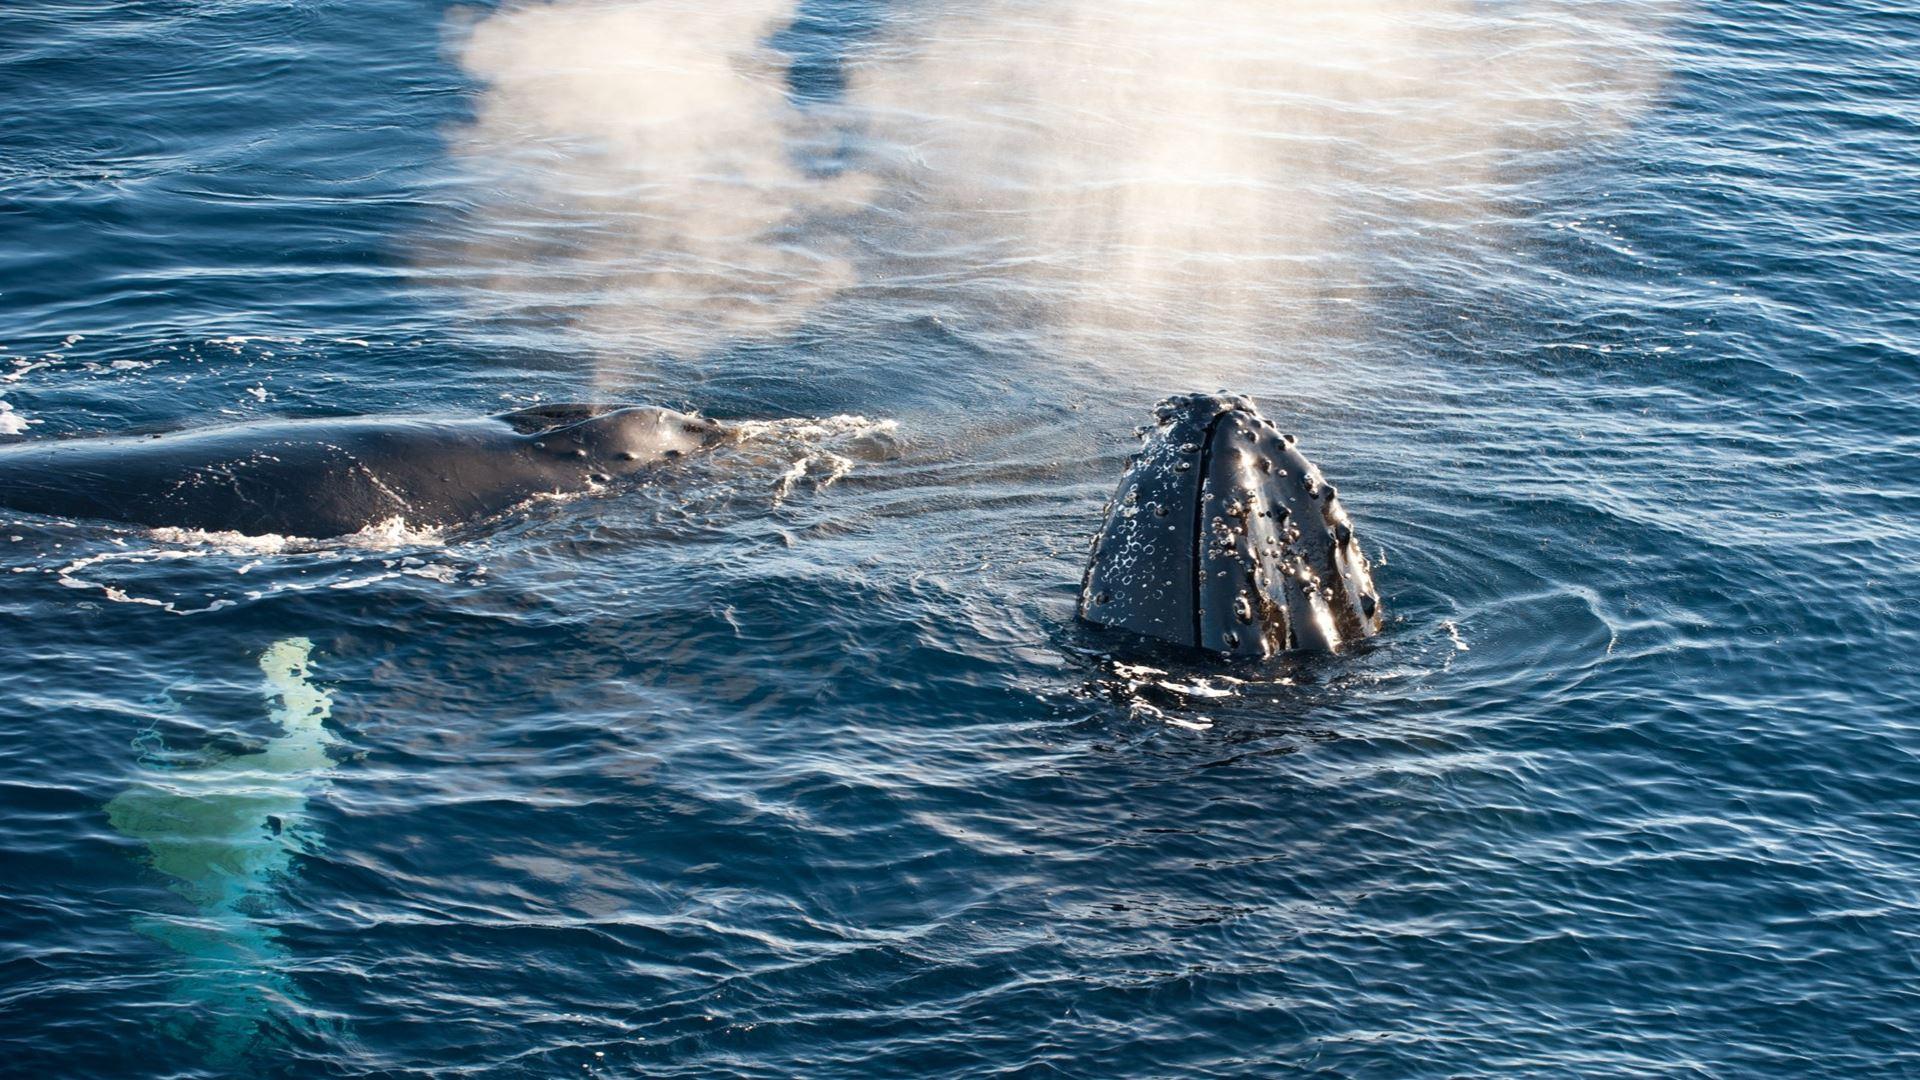 Cruzeiro Pela Peninsula Antartica E Avistamiento De Baleias